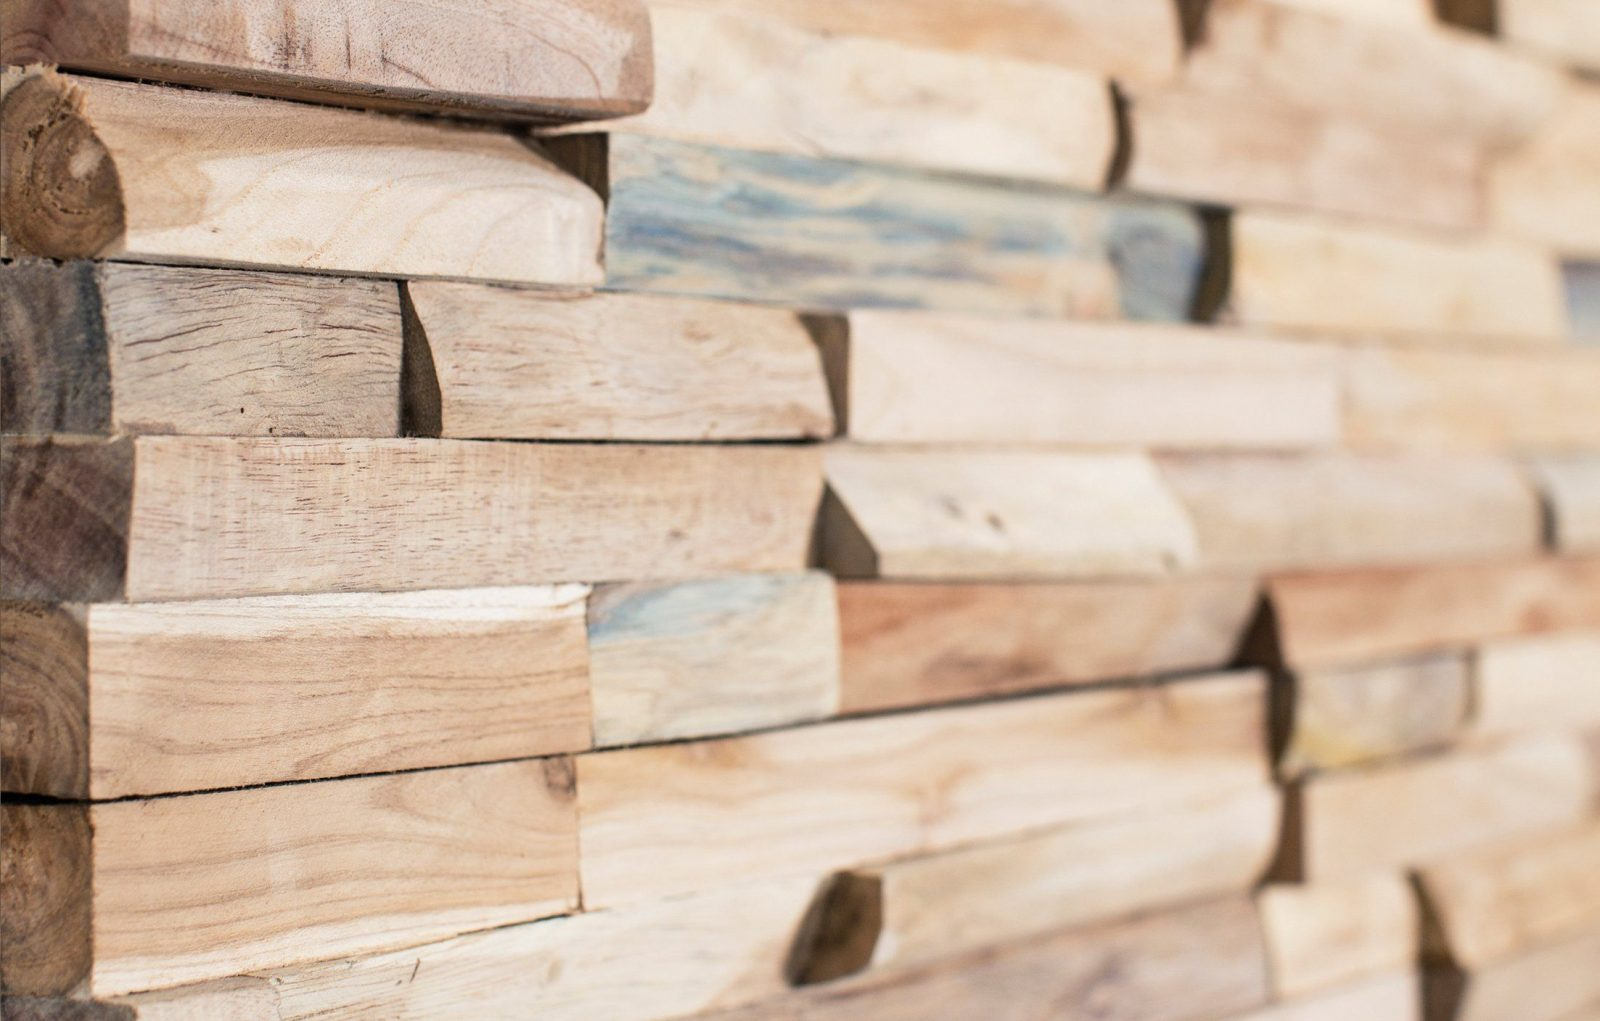 Faszinierend Wandverkleidung Holz Innen Rustikal Wandverkleidung von Wandverkleidung Holz Innen Rustikal Bild